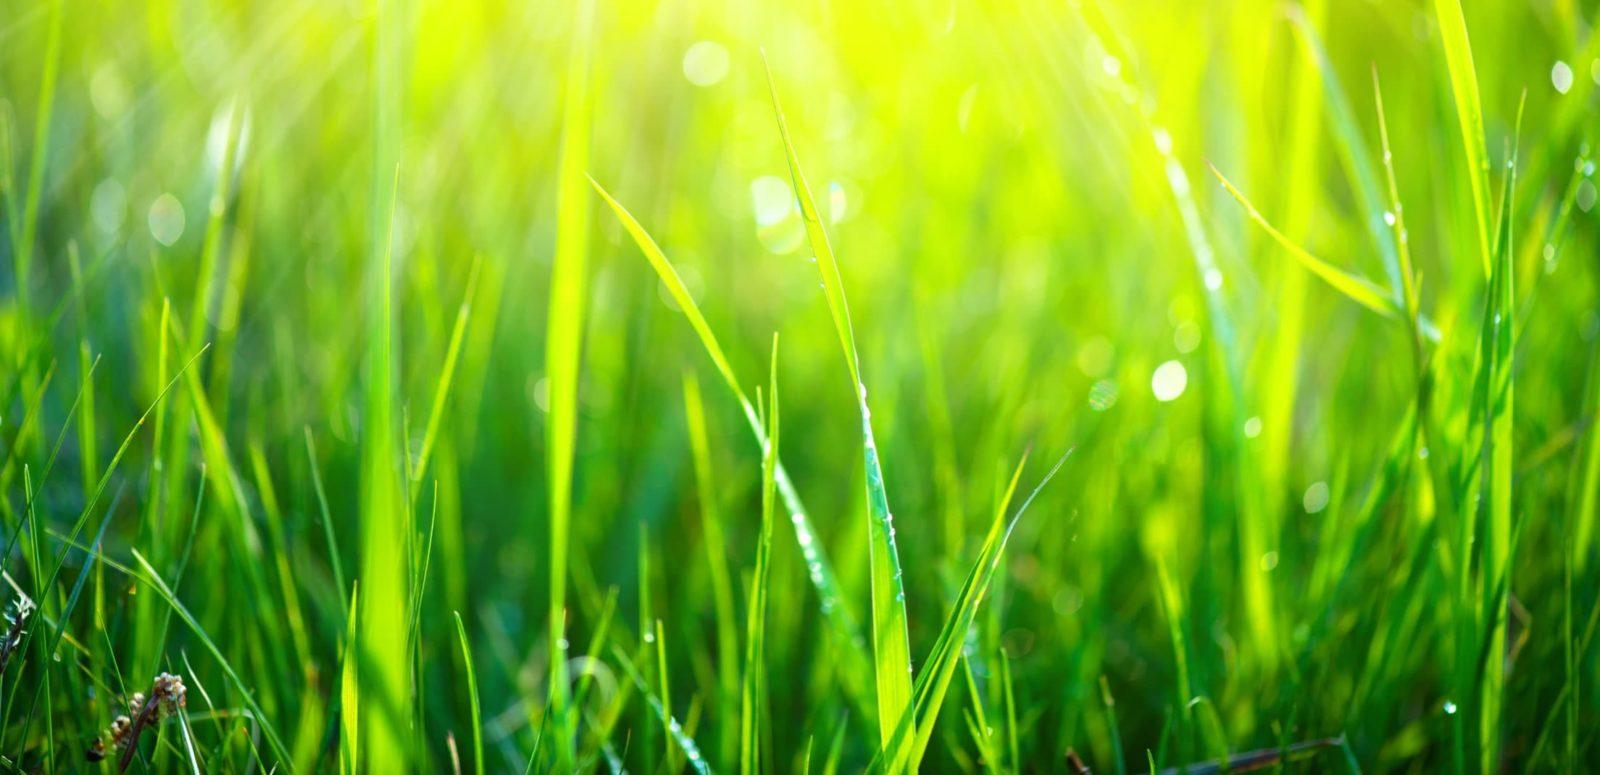 a lush green lawn